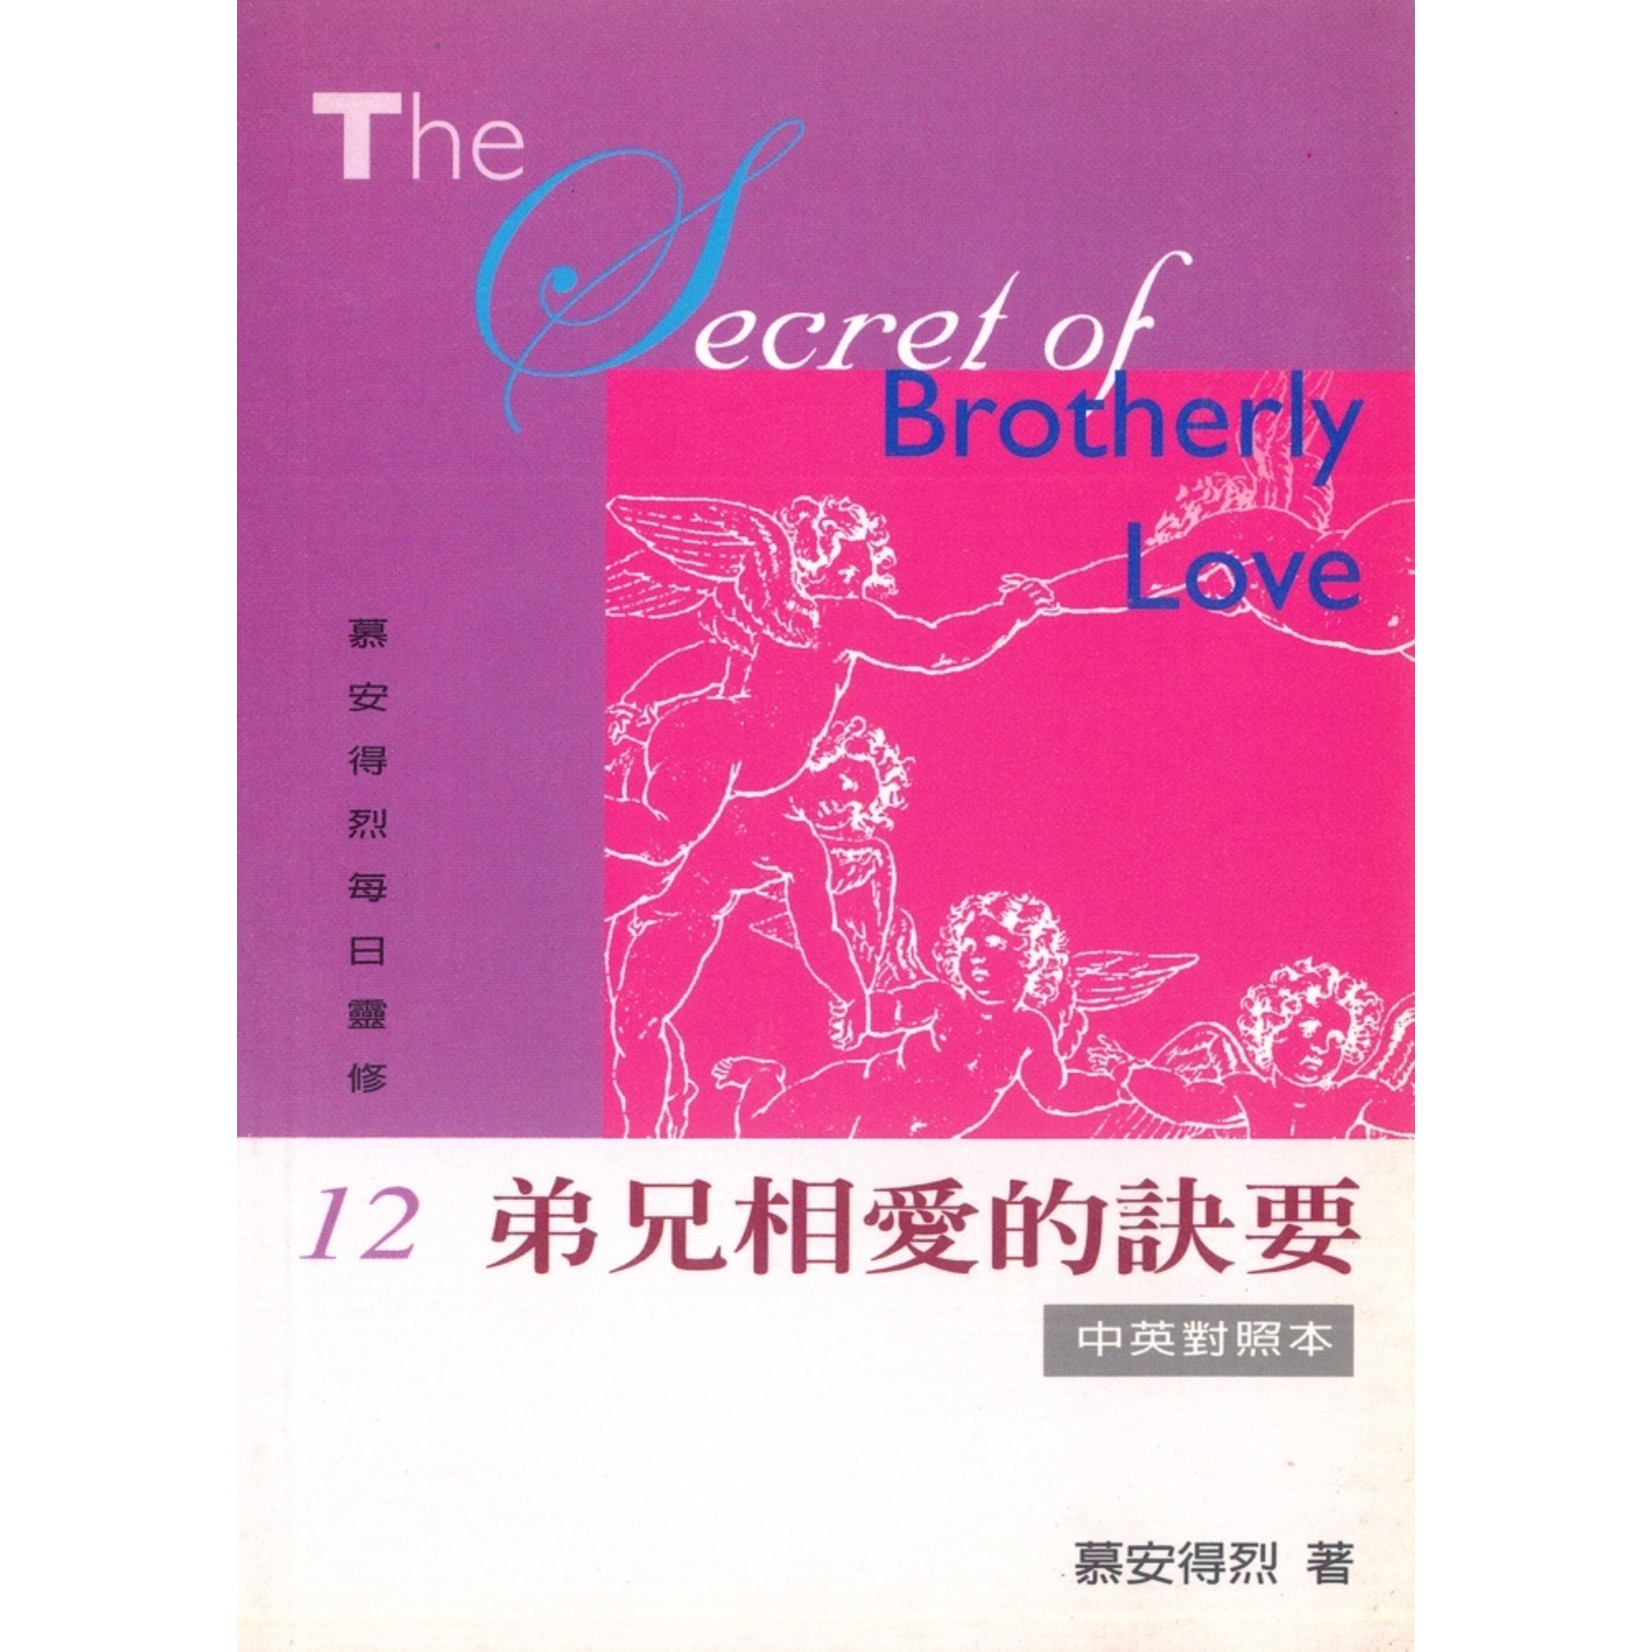 歸主 (TW) 慕安得烈每日靈修12:弟兄相愛的訣要(中英對照) The Secret of Brotherly Love